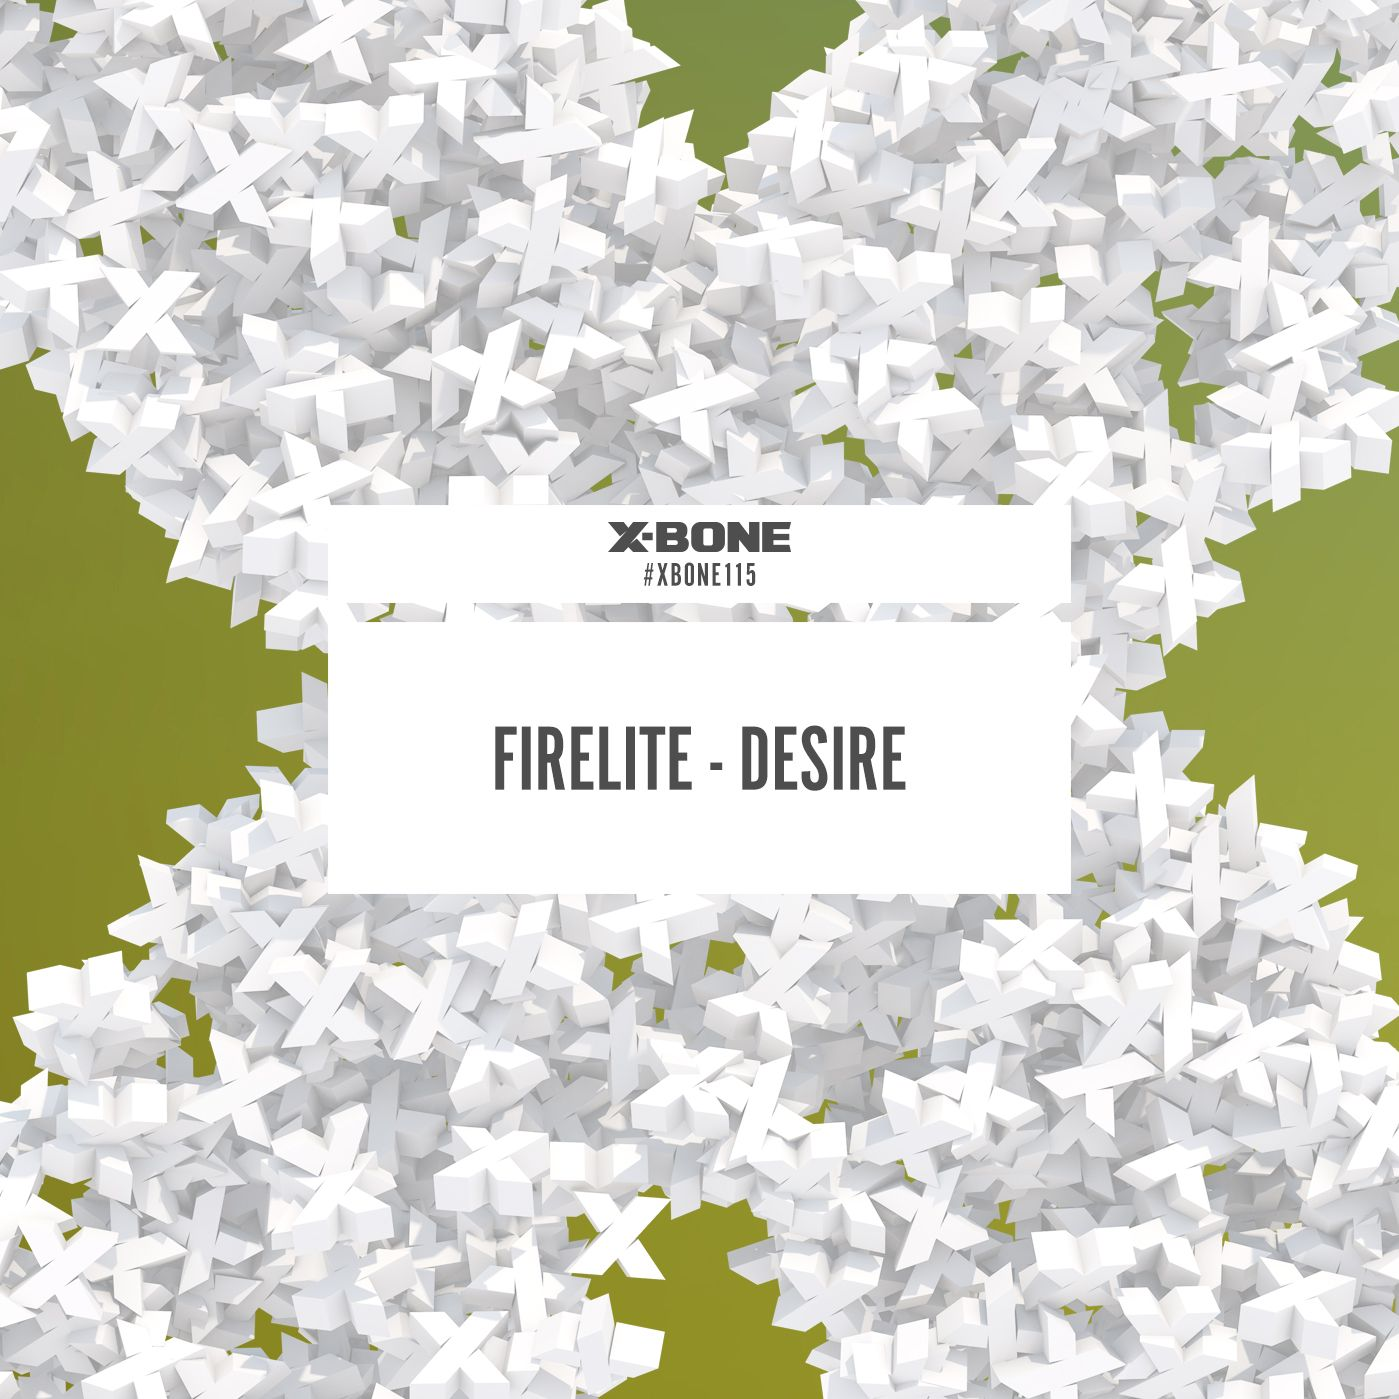 Firelite - Desire [X-BONE RECORDS] XBONE115